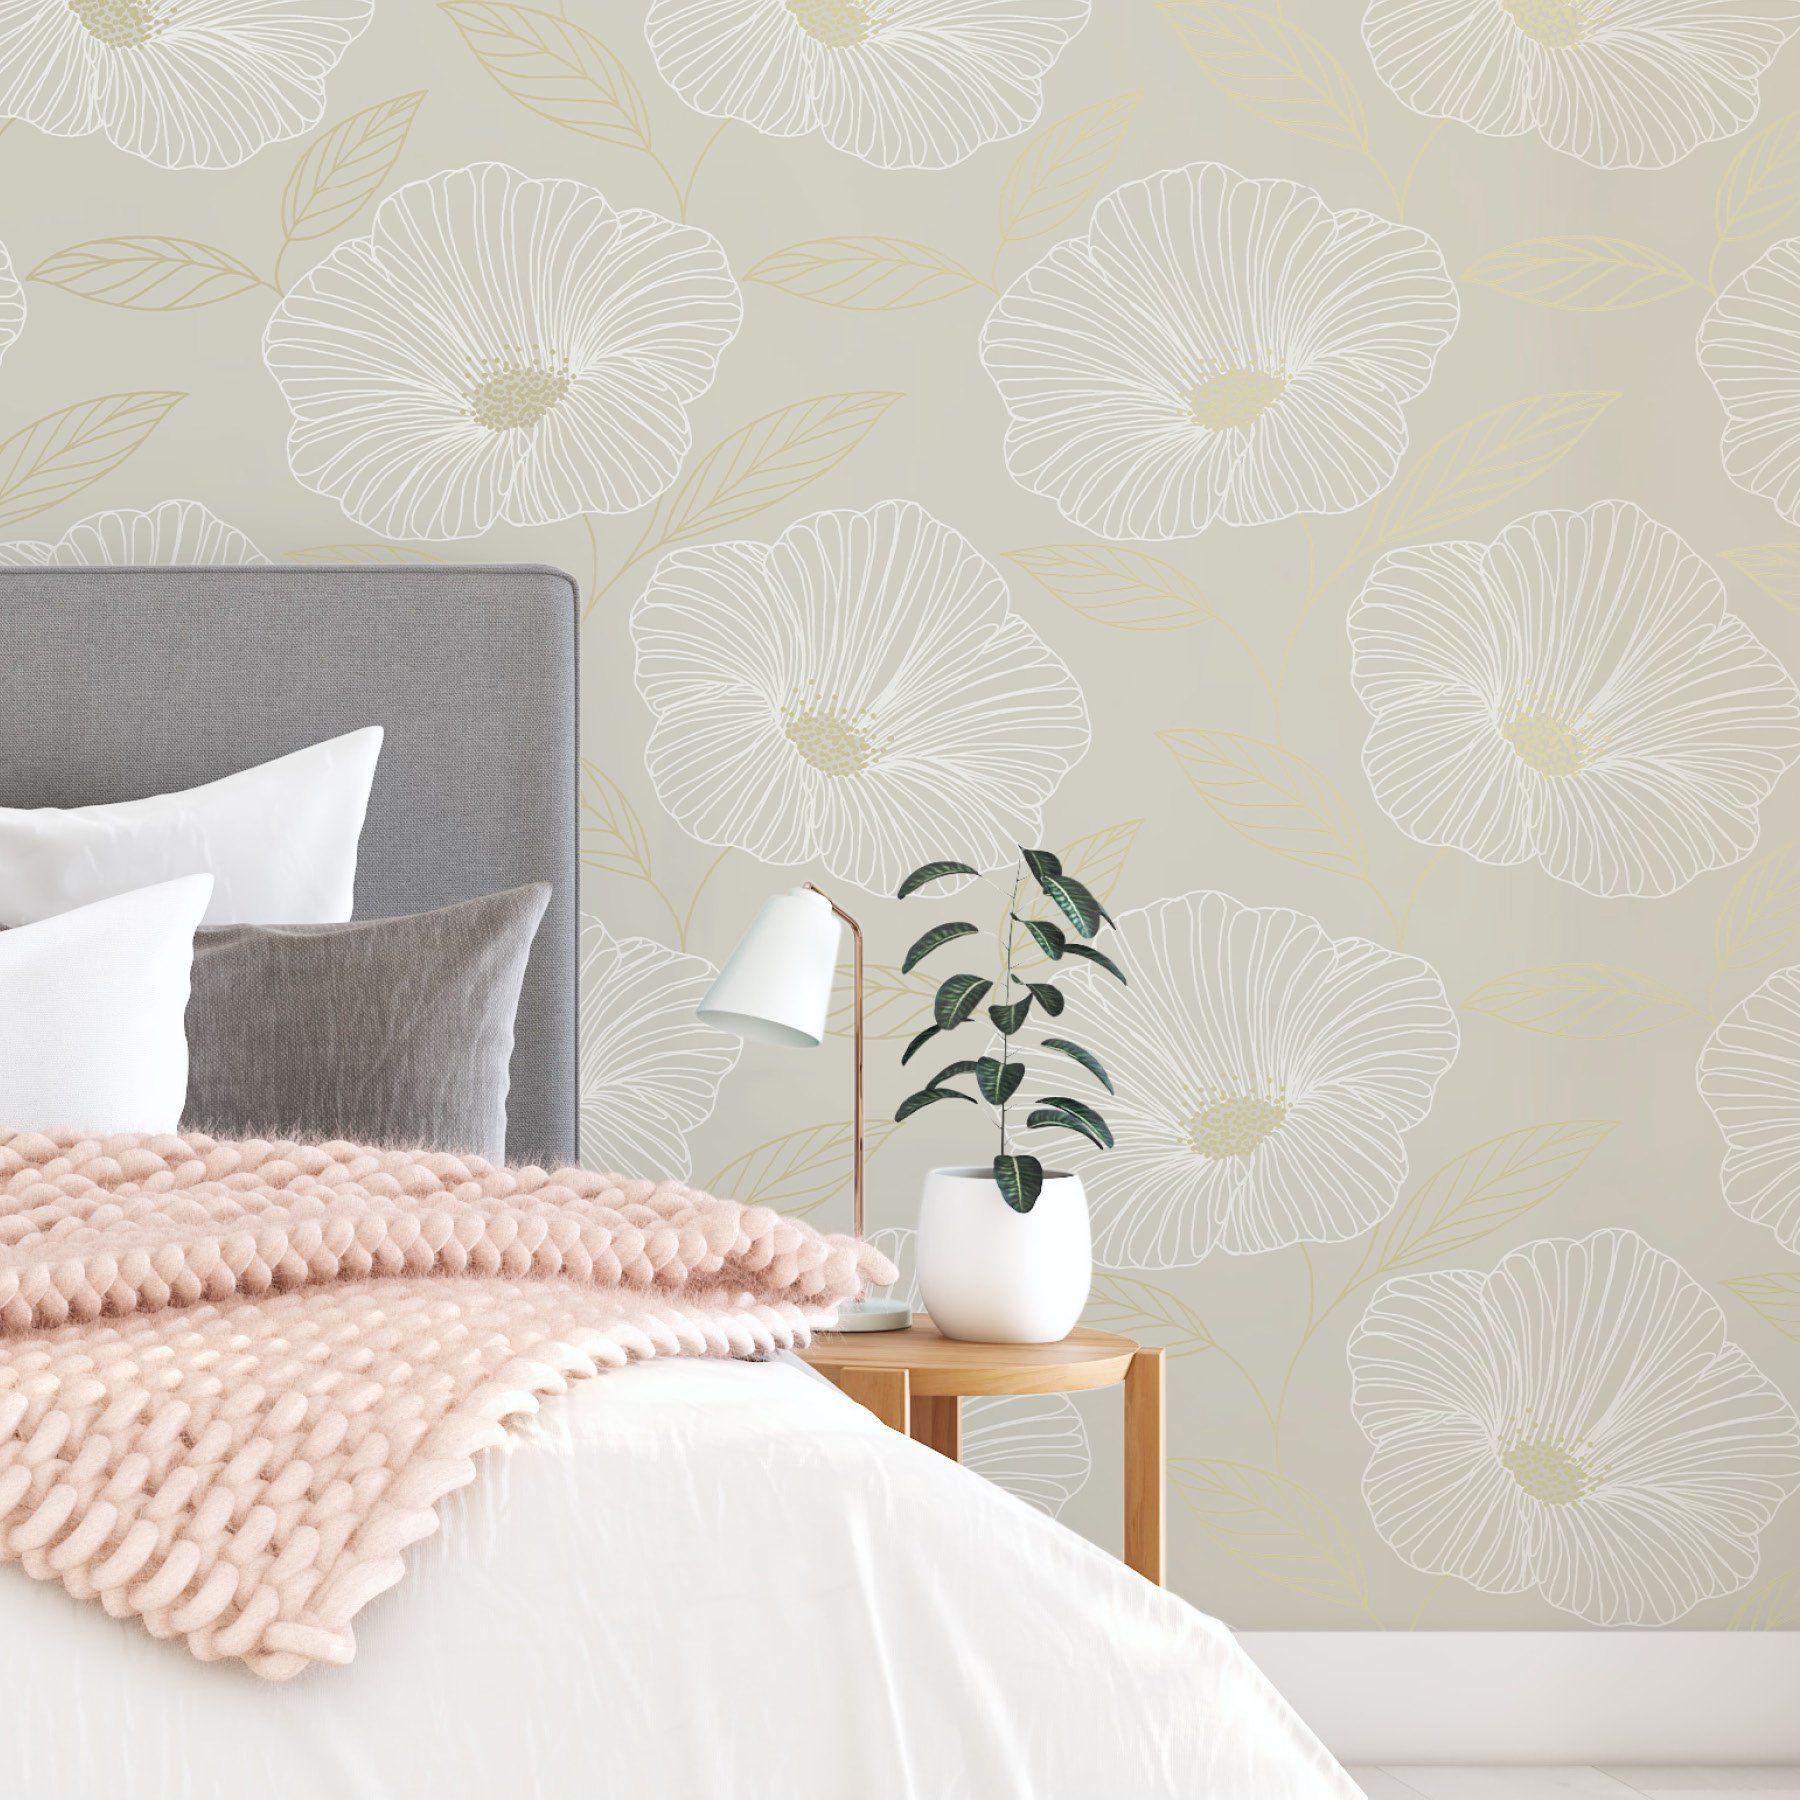 Nuwallpaper Dove Floweret Peel Stick Wallpaper Walmart Com Peel And Stick Wallpaper Nuwallpaper Self Adhesive Wallpaper